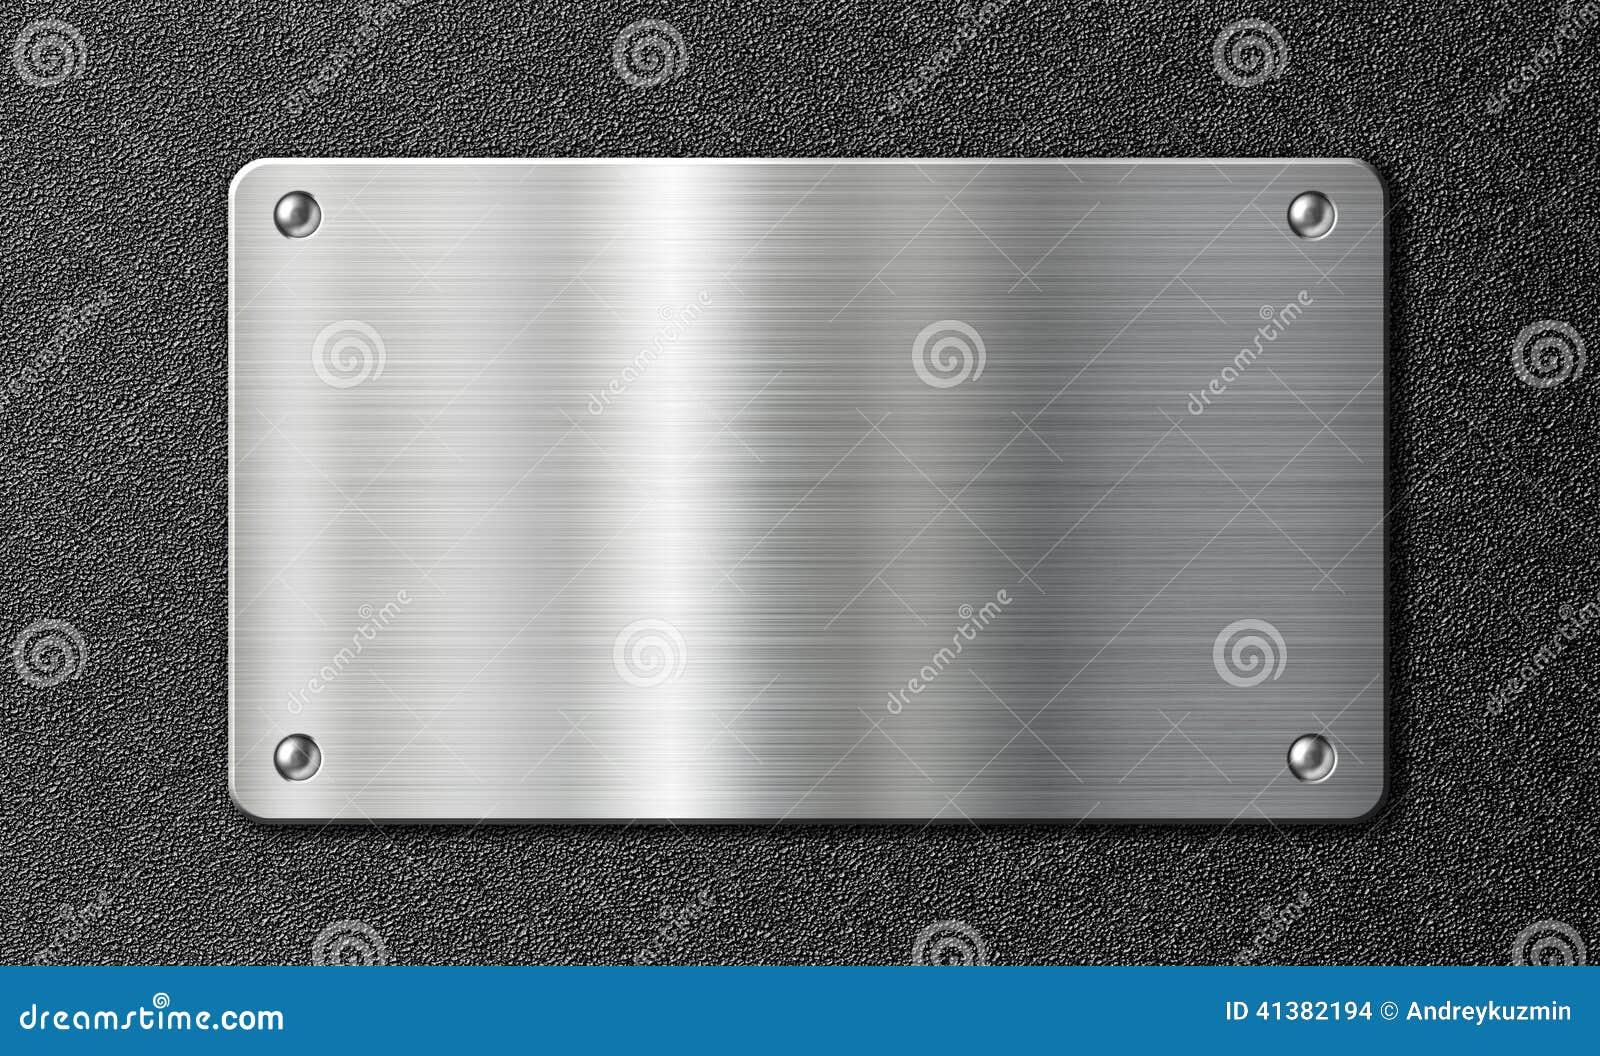 plaque de m tal d 39 acier inoxydable sur la texture noire illustration stock image 41382194. Black Bedroom Furniture Sets. Home Design Ideas